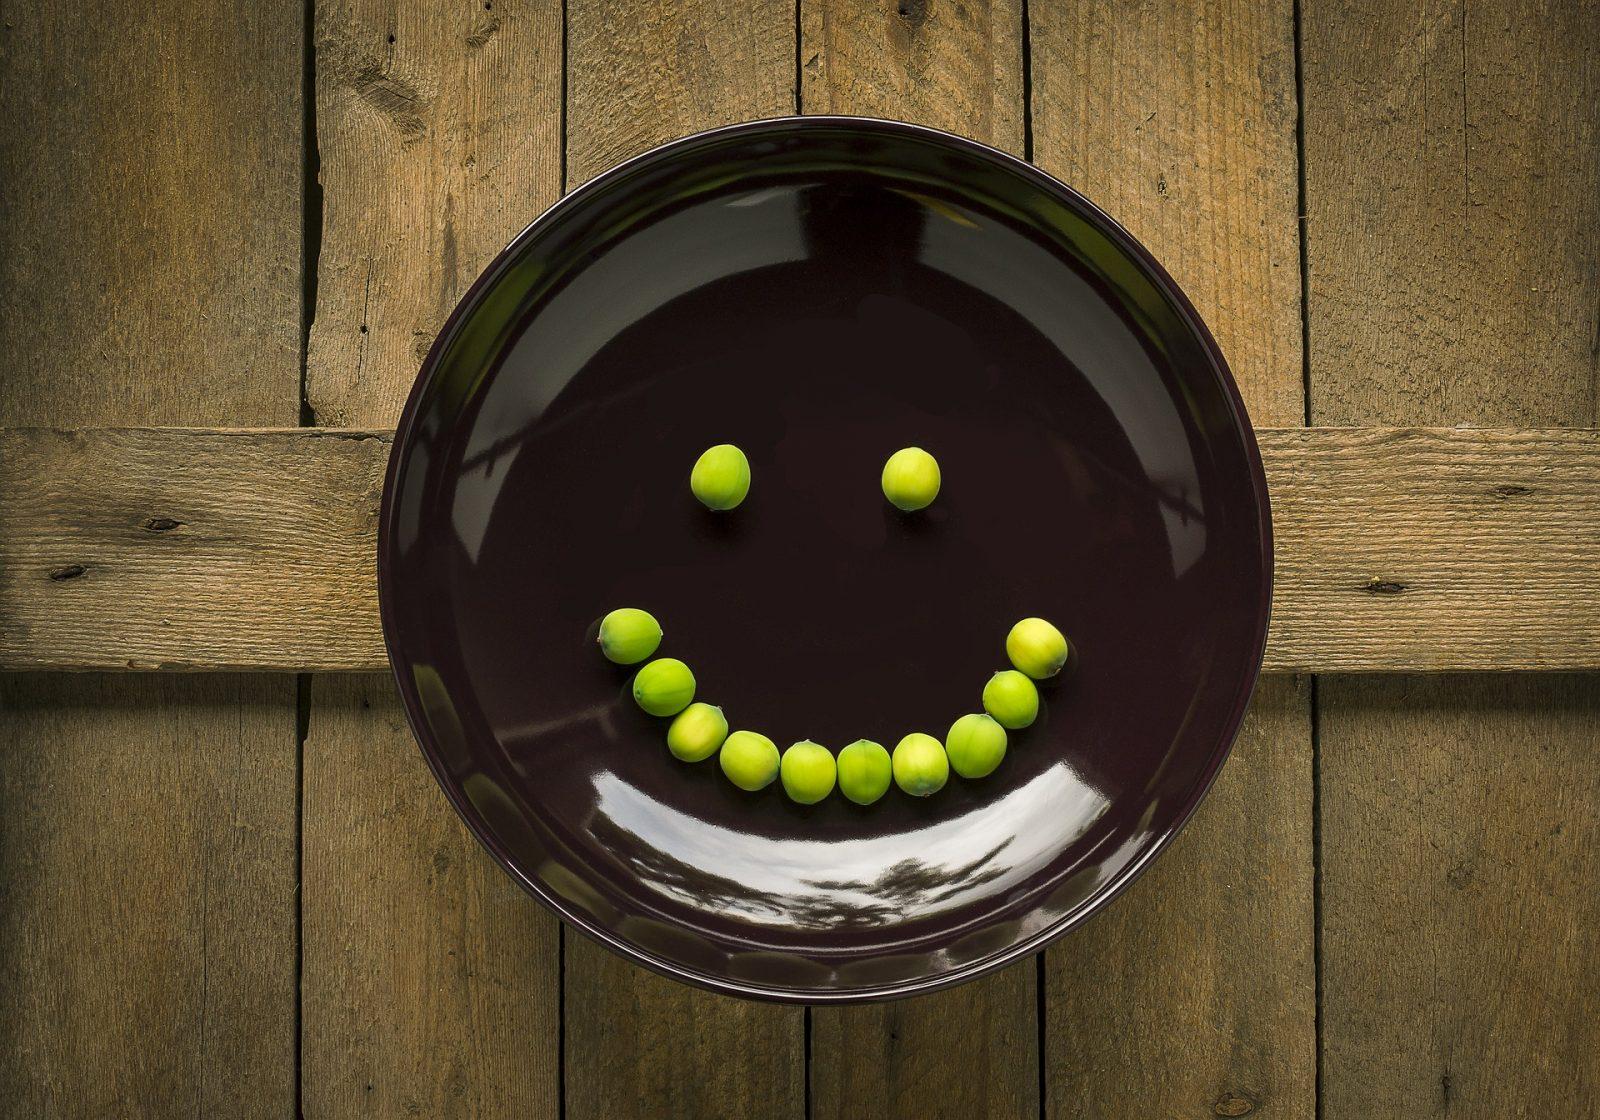 Există o relație între ce mâncăm și fericire?